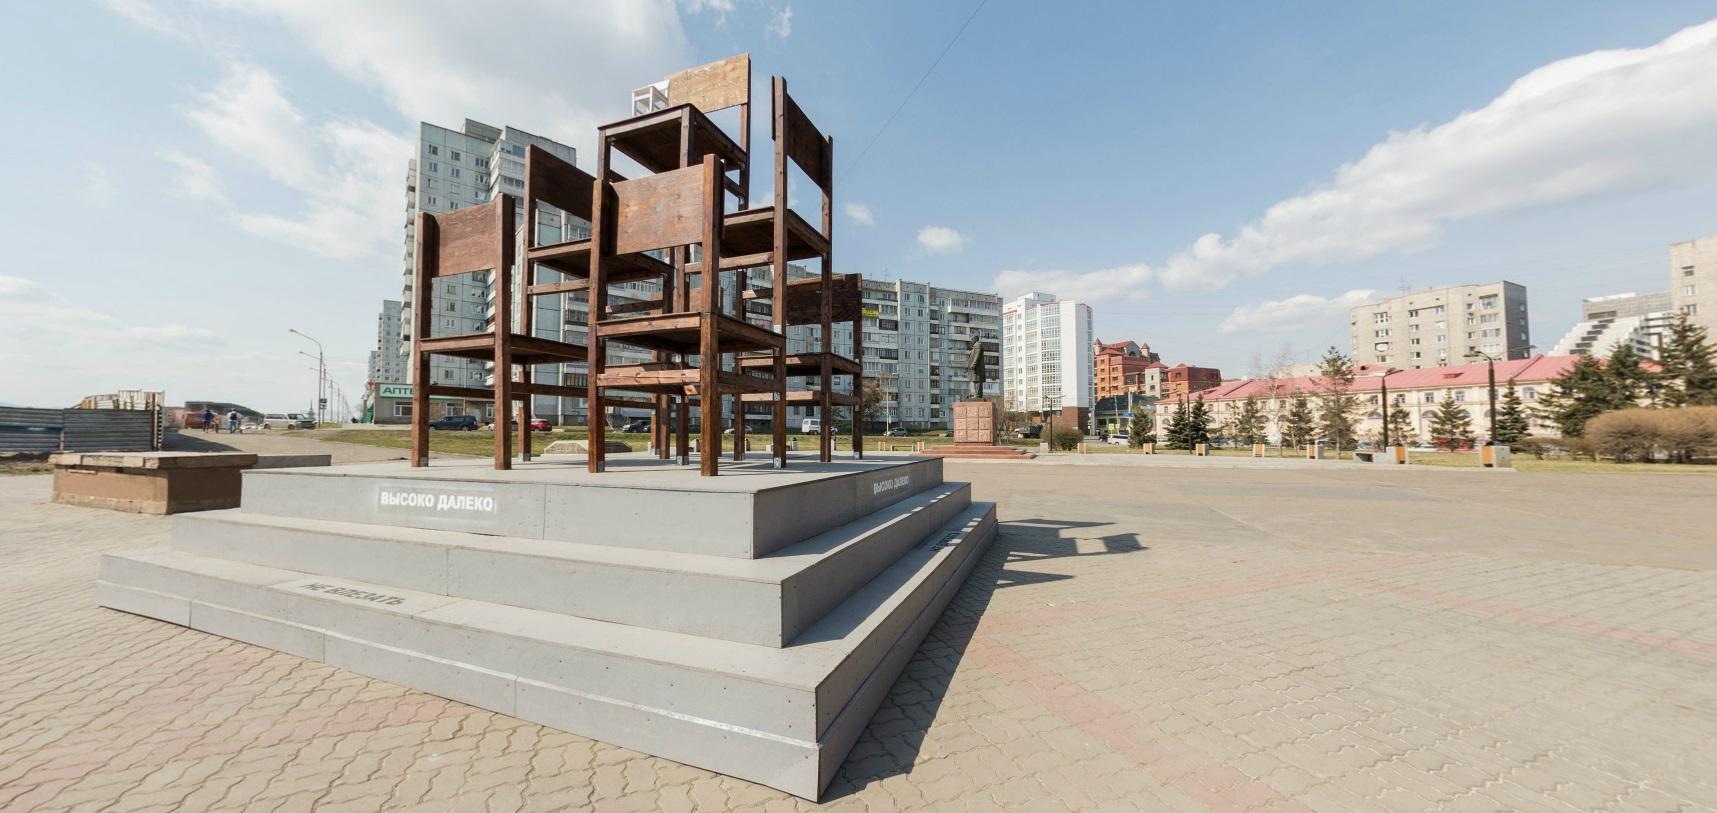 Инсталяция Высоко Далеко, Красноярский музейный центр